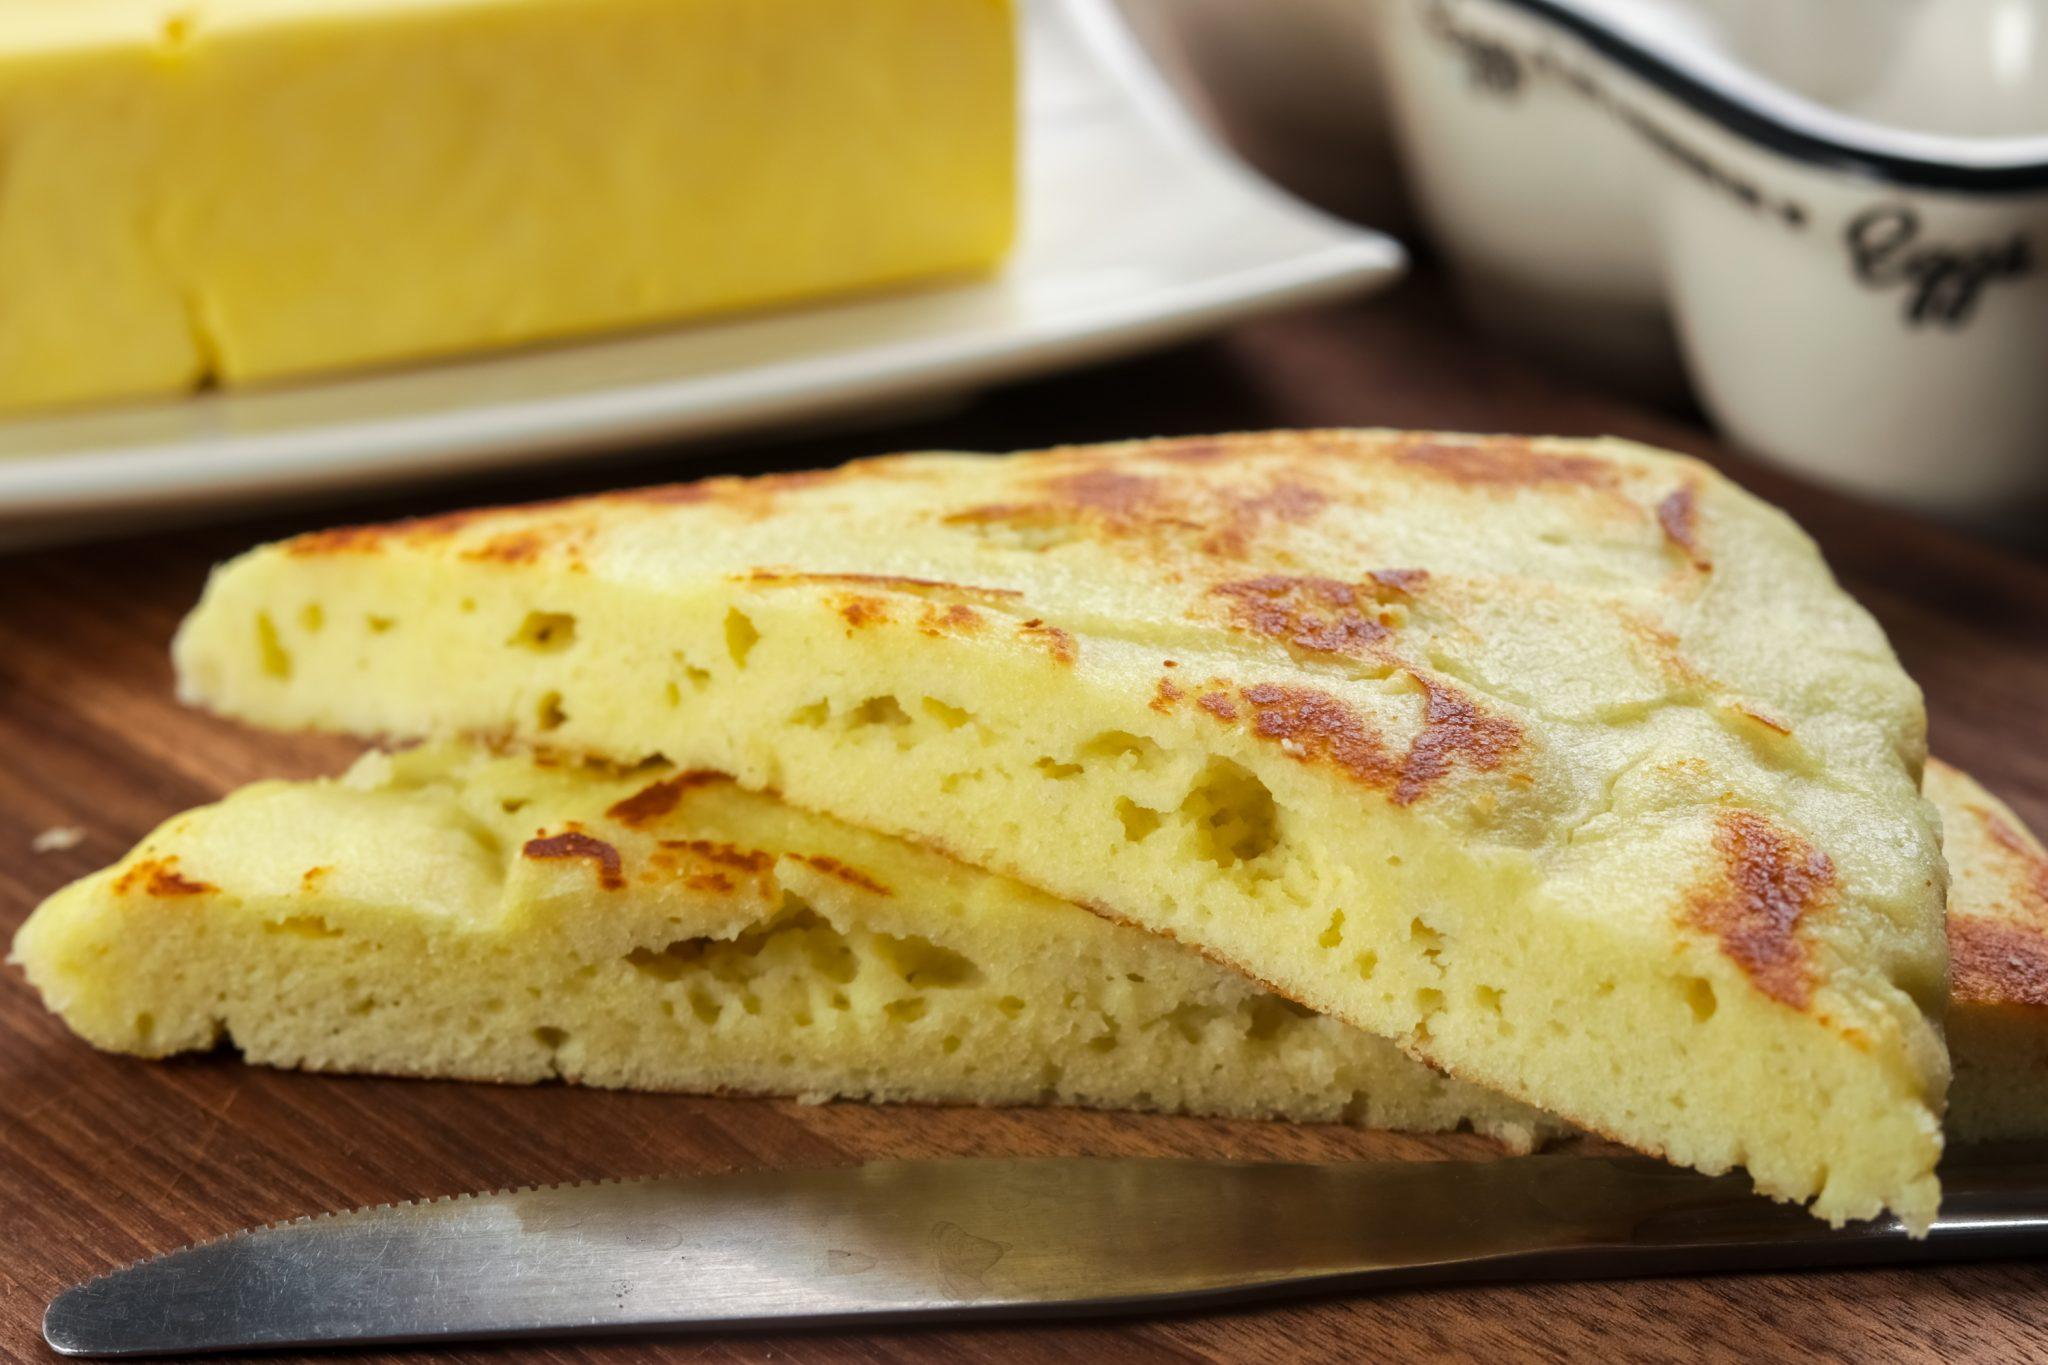 Ketogenic Recipes: Keto Sandwich Bread